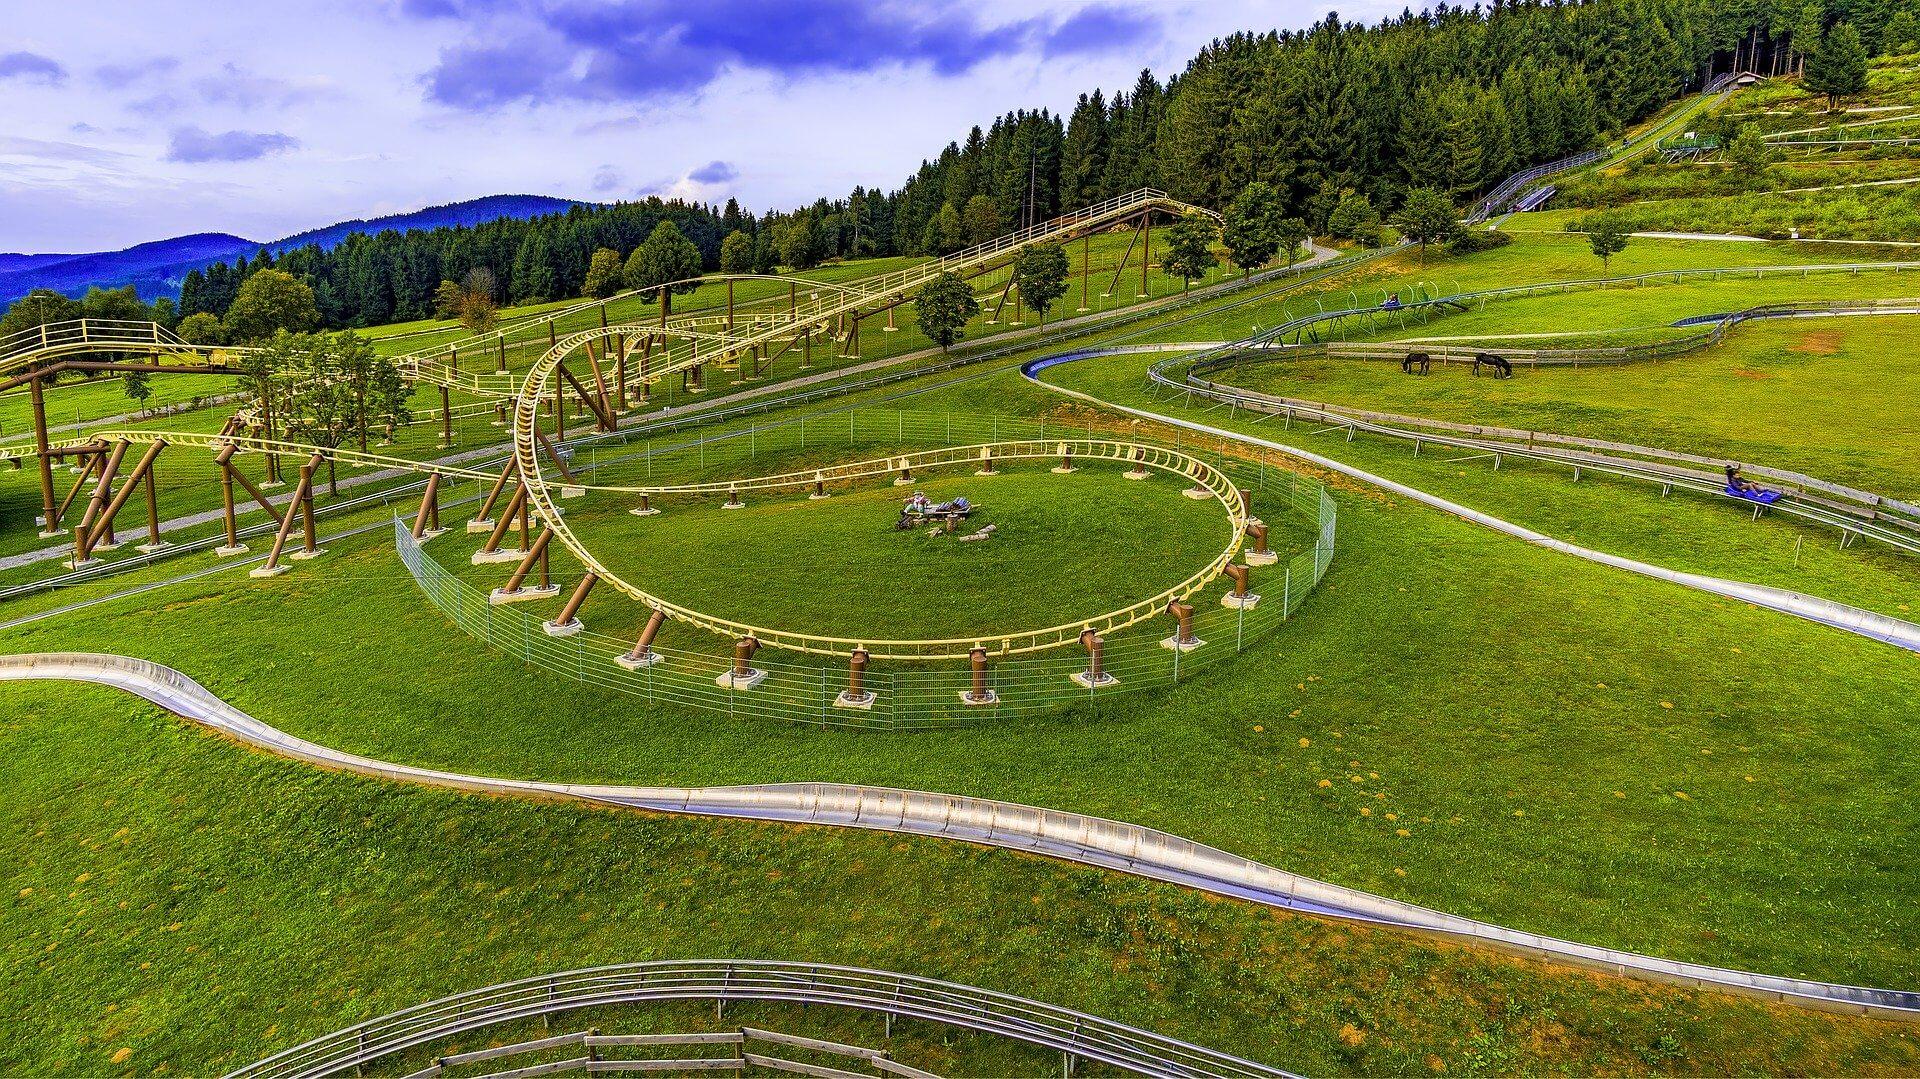 Freizeitpark Bayern Freizeitpark München Freizeitpark Allgäu